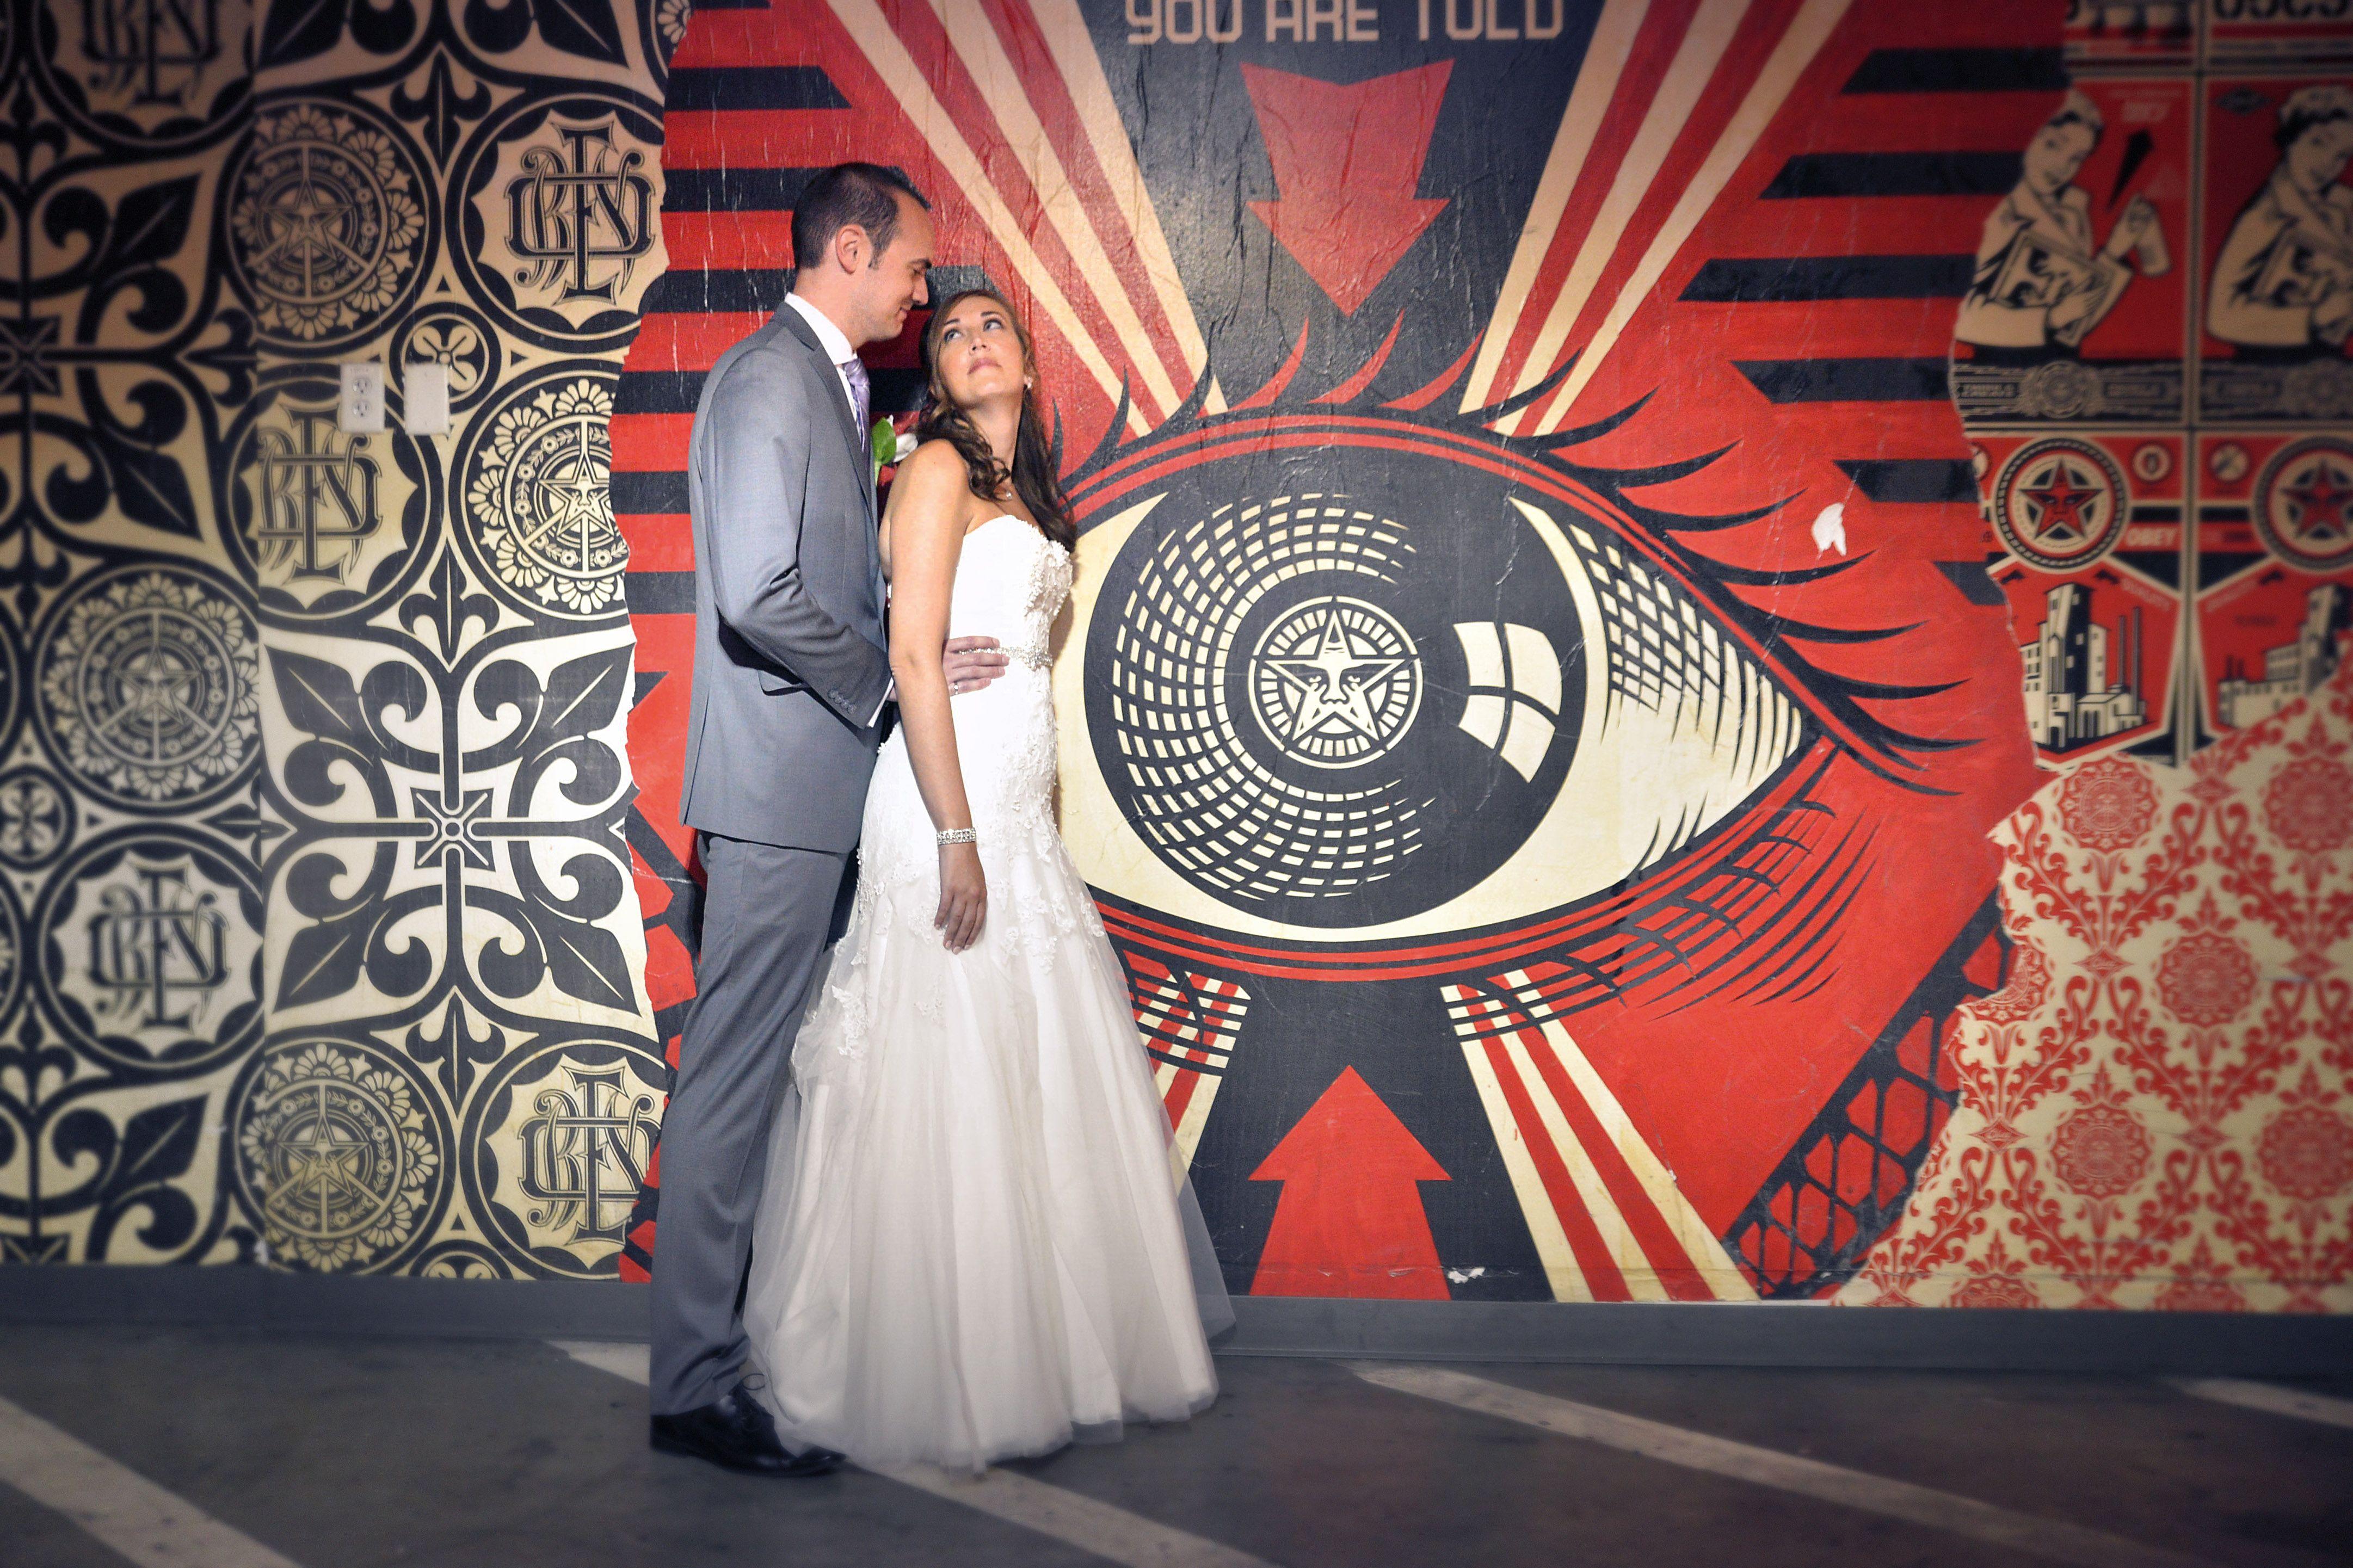 Vegas Wedding Cosmopolitan Las Vegas Cosmopolitan Las Vegas Vegas Wedding Las Vegas Weddings